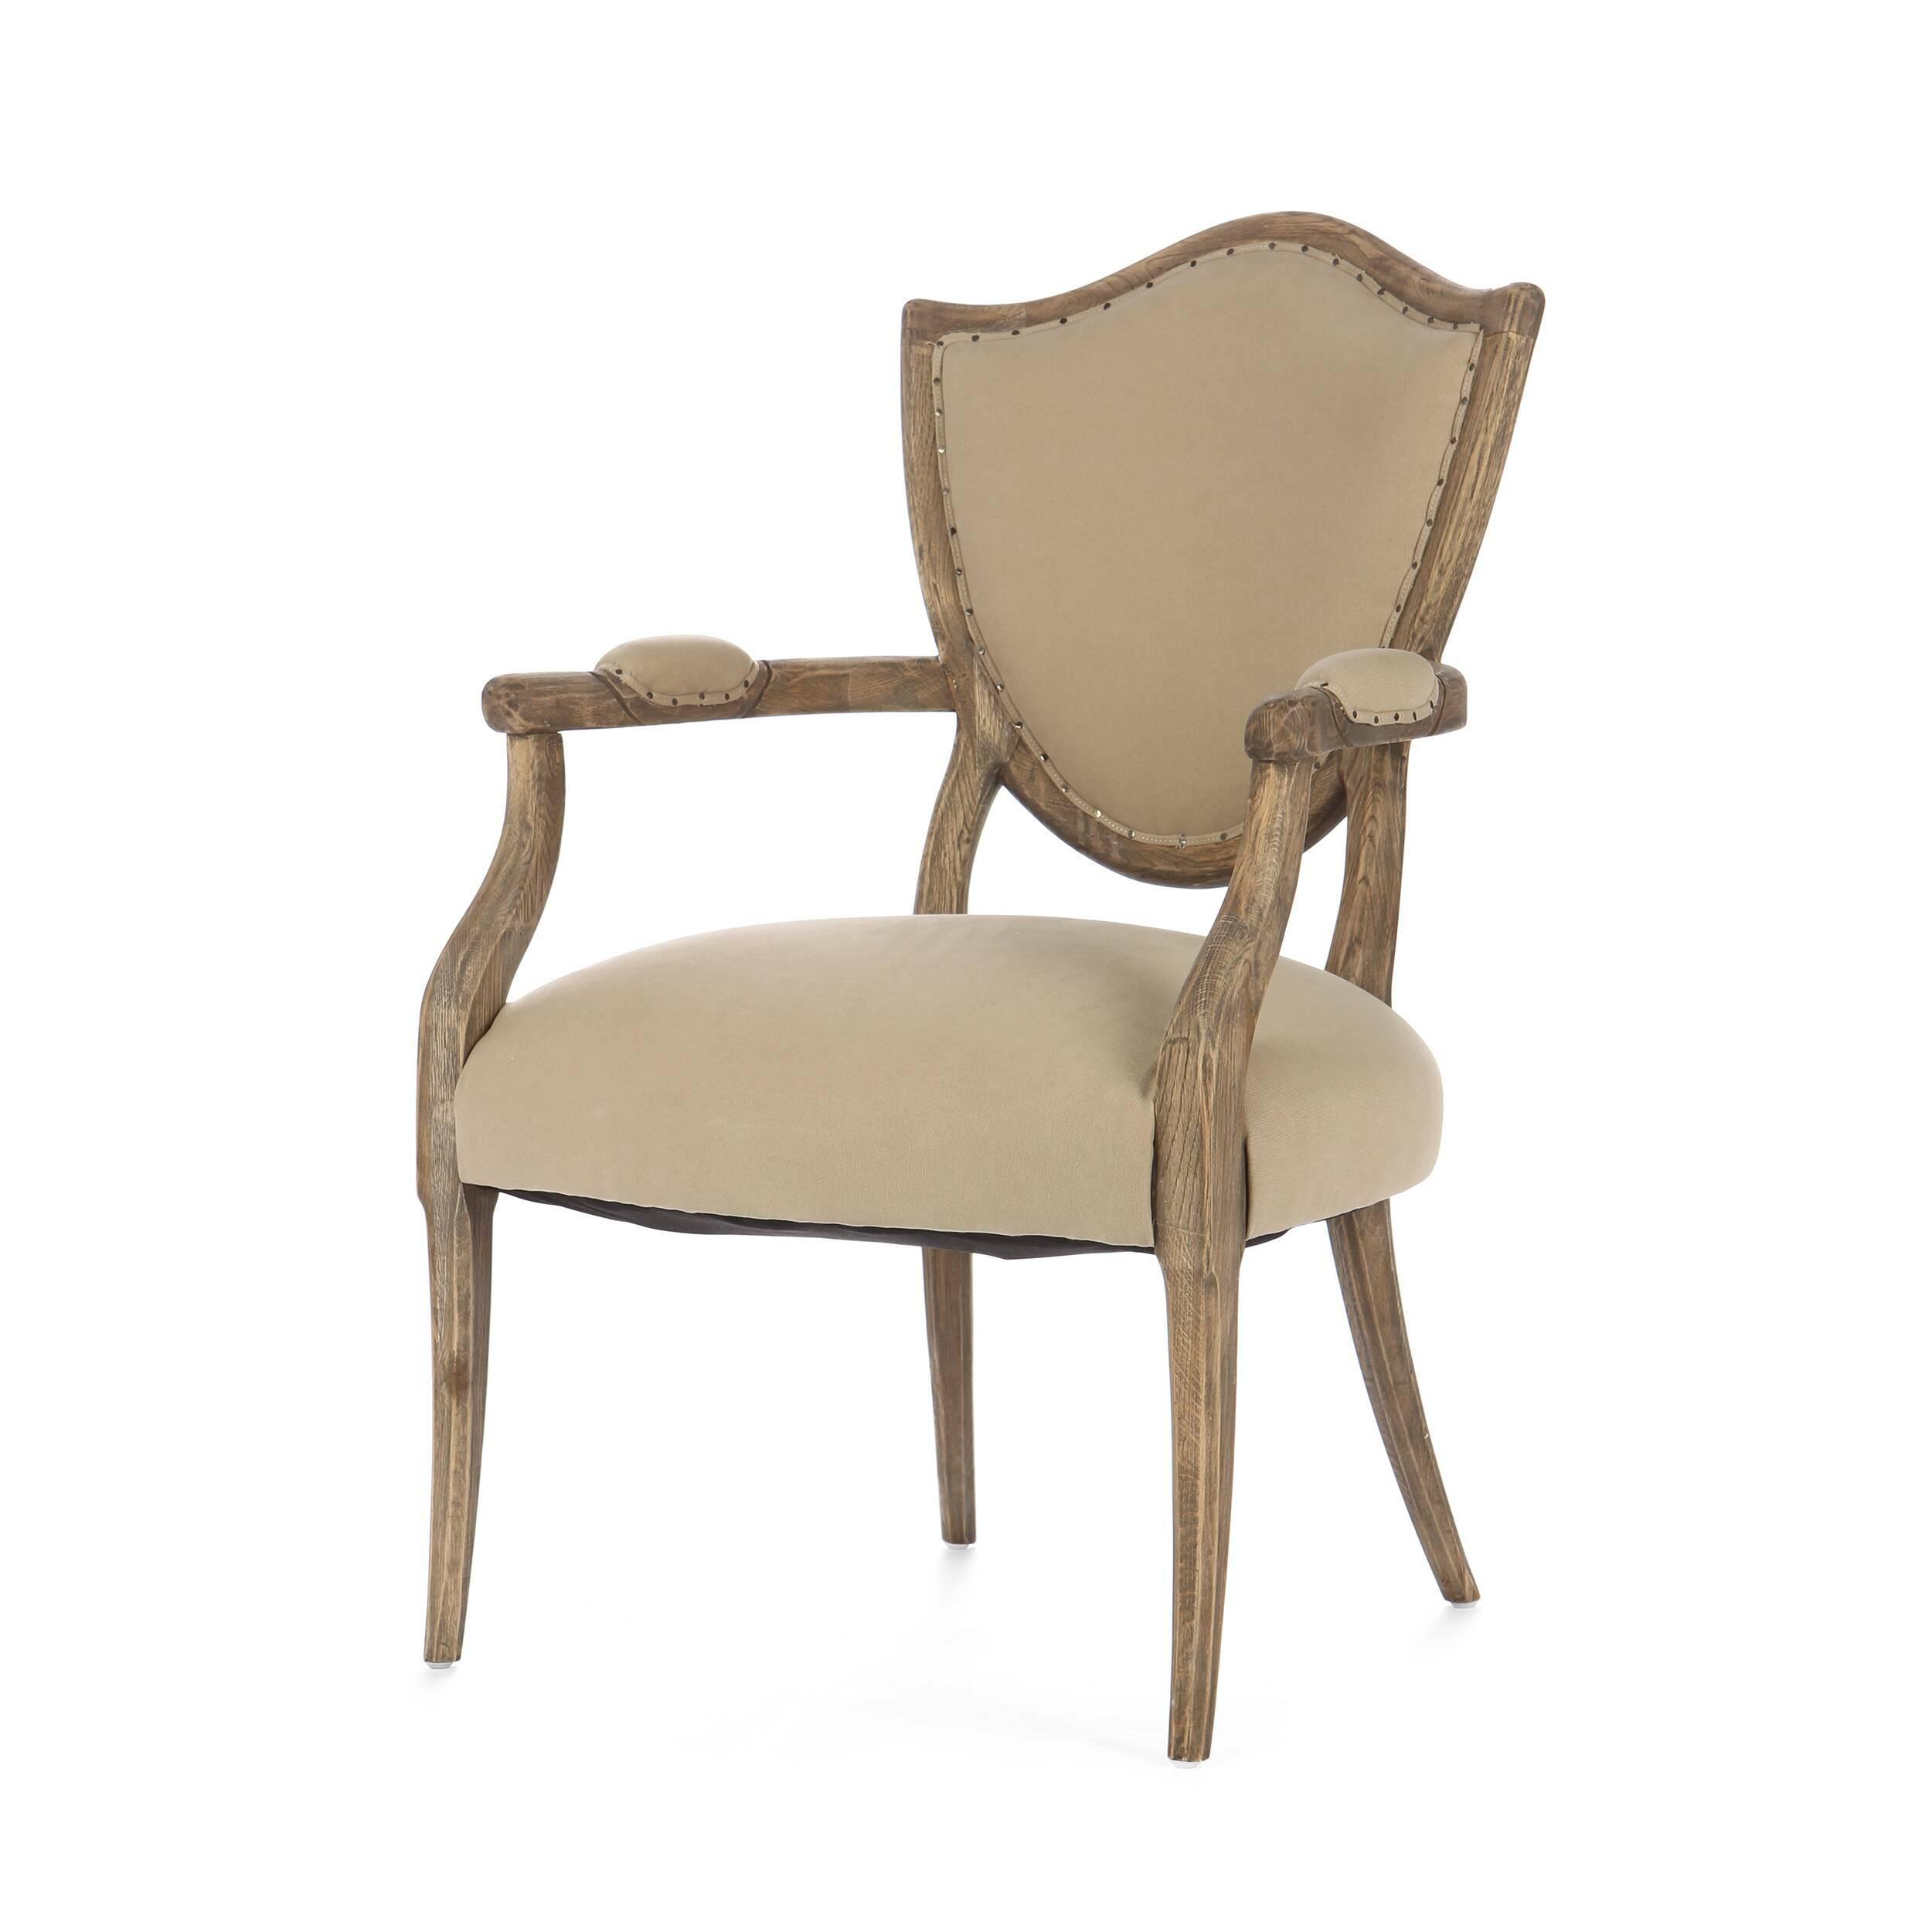 Стул LennyИнтерьерные<br>Дизайнерский классический винтажный стул Lenny (Ленни) из массива дуба с мягким тканевым сиденьем и подлокотниками от Cosmo (Космо).<br><br> Стул Lenny — это сочетание изысканных черт классицизма и нарочитой грубости форм современного индустриального стиля. Великолепное мягкое сиденье и не менее роскошная спинка, выполненные в спокойном, приятном цвете, заключены в каркас из искусственно состаренного дуба, который смотрится просто и в то же время обладает притягательным шармом. Обивка стула предс...<br><br>stock: 9<br>Высота: 97<br>Высота сиденья: 48<br>Ширина: 66<br>Глубина: 66<br>Цвет ножек: Дуб<br>Материал ножек: Массив дуба<br>Материал сидения: Хлопок<br>Цвет сидения: Темно-бежевый<br>Тип материала сидения: Ткань<br>Тип материала ножек: Дерево